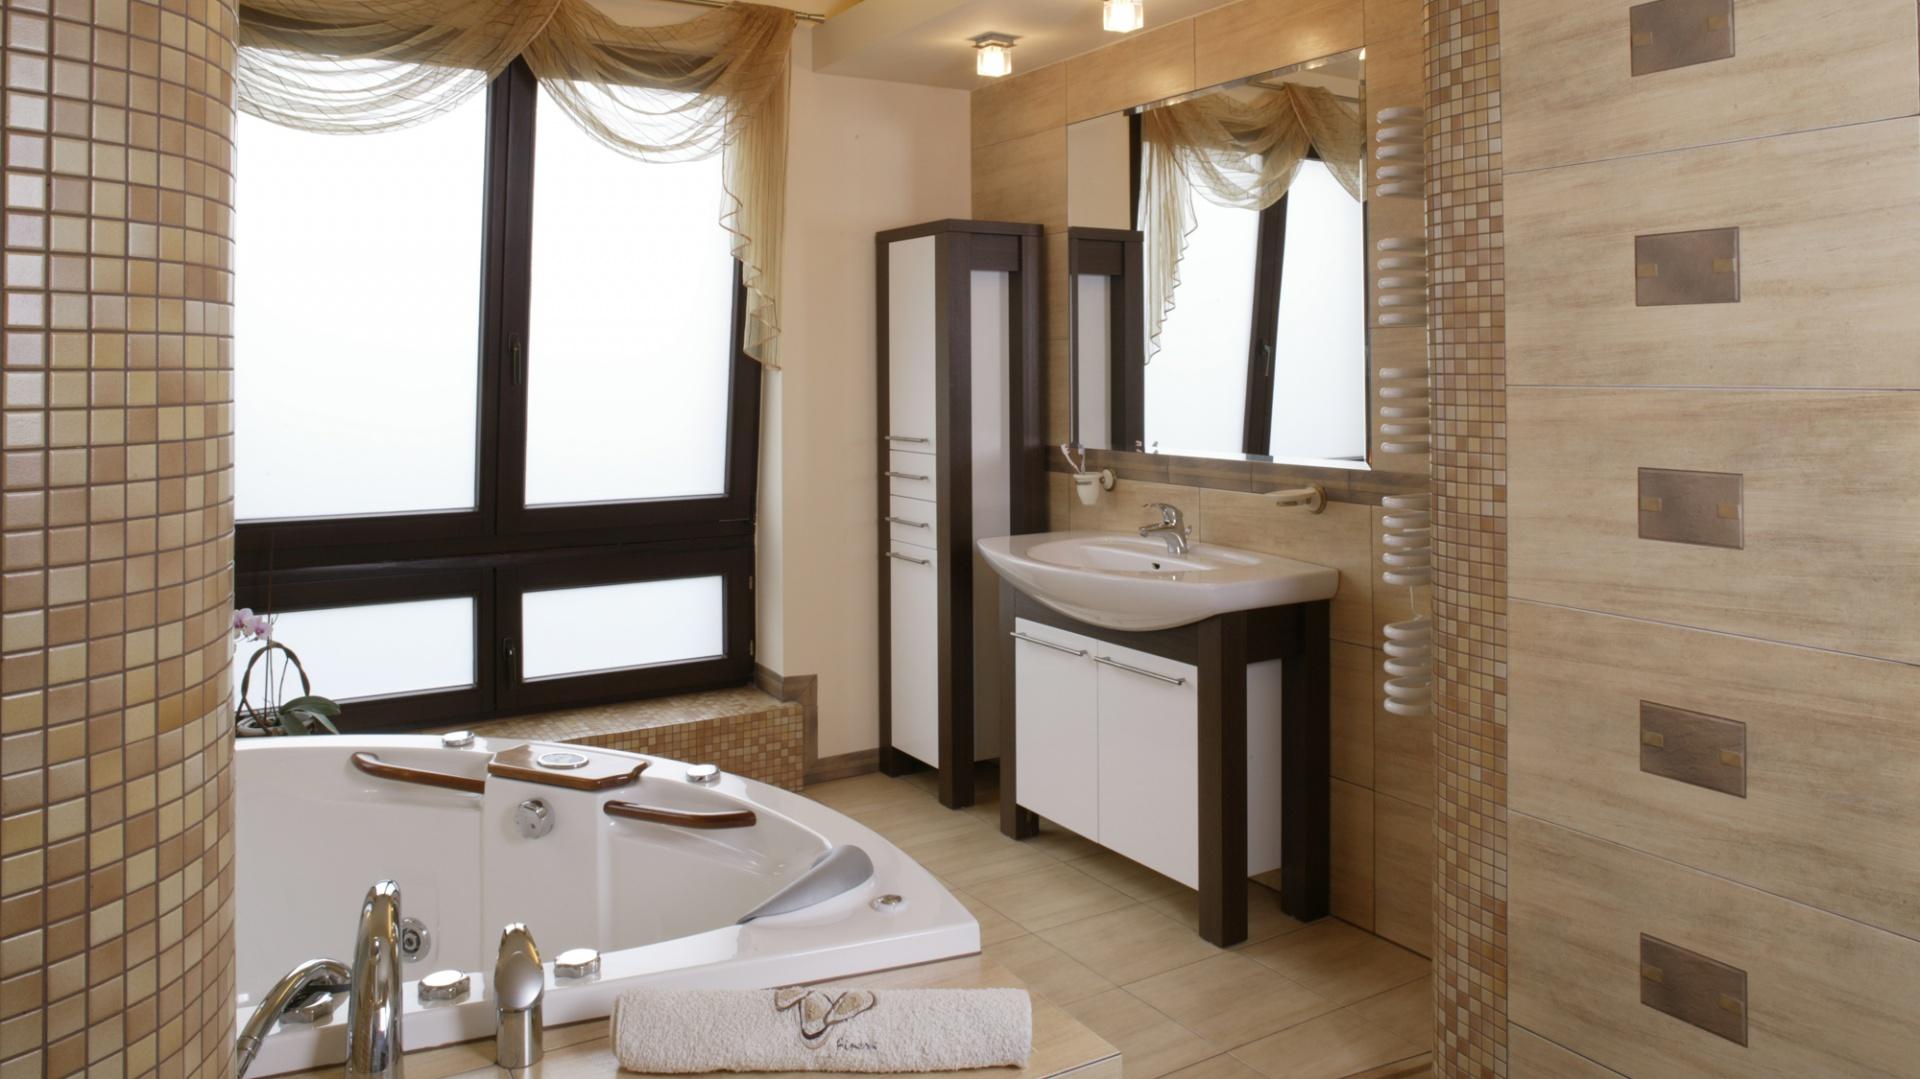 Łazienkowe meble wykonane są z zestawionych na prawach kontrastu materiałów: ciemnego drewna wenge i białej, laminowanej płyty. Szafki znajdują się nie tylko w strefie umywalki, ale także obok kabiny prysznicowej. Fot. Monika Filipiuk.